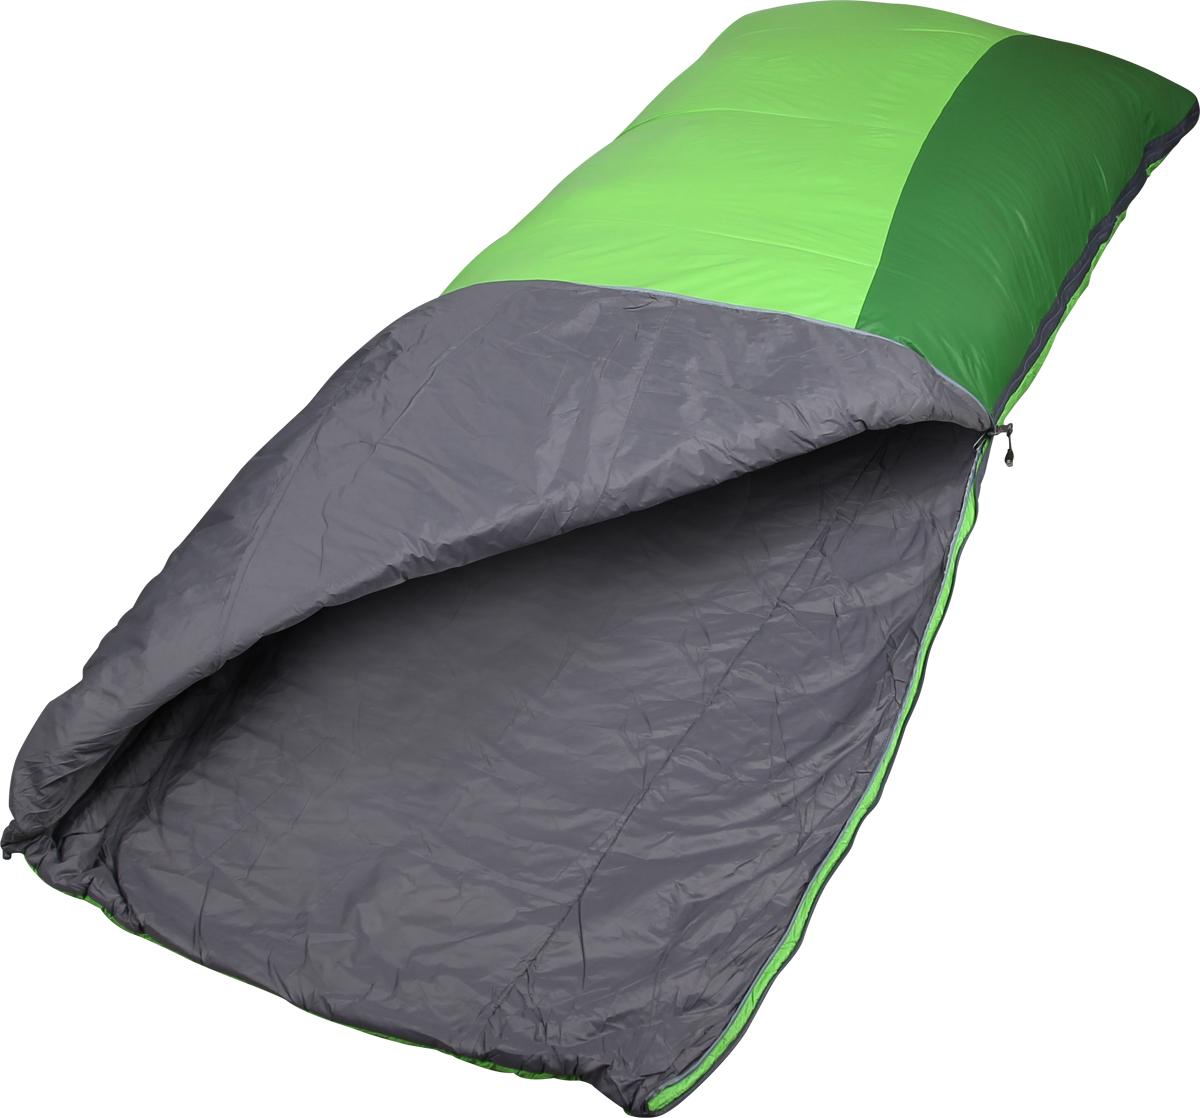 Мешок-одеяло спальный Сплав Veil 120, правосторонняя молния, цвет: зеленый, 215 x 97 см4506651Классический спальный мешок Сплав Veil 120.Тип конструкции: одеяло.Молния разъемная.Спальный мешок можно полностью расстегнуть и использовать в качестве одеяла.Горловина спального мешка утягивается эластичным шнуром с фиксатором.Компрессионный мешок в комплекте.Внимание! Длительное хранение в сжатом виде не рекомендуется. Упаковку в компрессионный мешок следует производить произвольно сминая спальный мешок, а не аккуратно скатывая, т.к. при этом минимально деформируется утеплитель.Материалы:Внешняя ткань: Nylon 6.6 R/S 20D Down Proof Hight Density Teflon DWR Cire.Вес ткани: 32 г/м2.Дышимость ткани: 0,8 см3/см2/с.Внутренняя ткань: Nylon 20D/370T Down Proof W/R Cire.Утеплитель: Primaloft Silver.Плотность утеплителя : 2 х 60 г/м2 .Температурный режим:Комфорт: +10… +2° С.Экстрим: -12° С.Габариты и вес:Размеры: 215 х 97 см.Полный вес: 1,15 кг.Минимальный вес: 1,06 кг.Размеры в упакованном виде: диаметр 23 х 44/23 см.